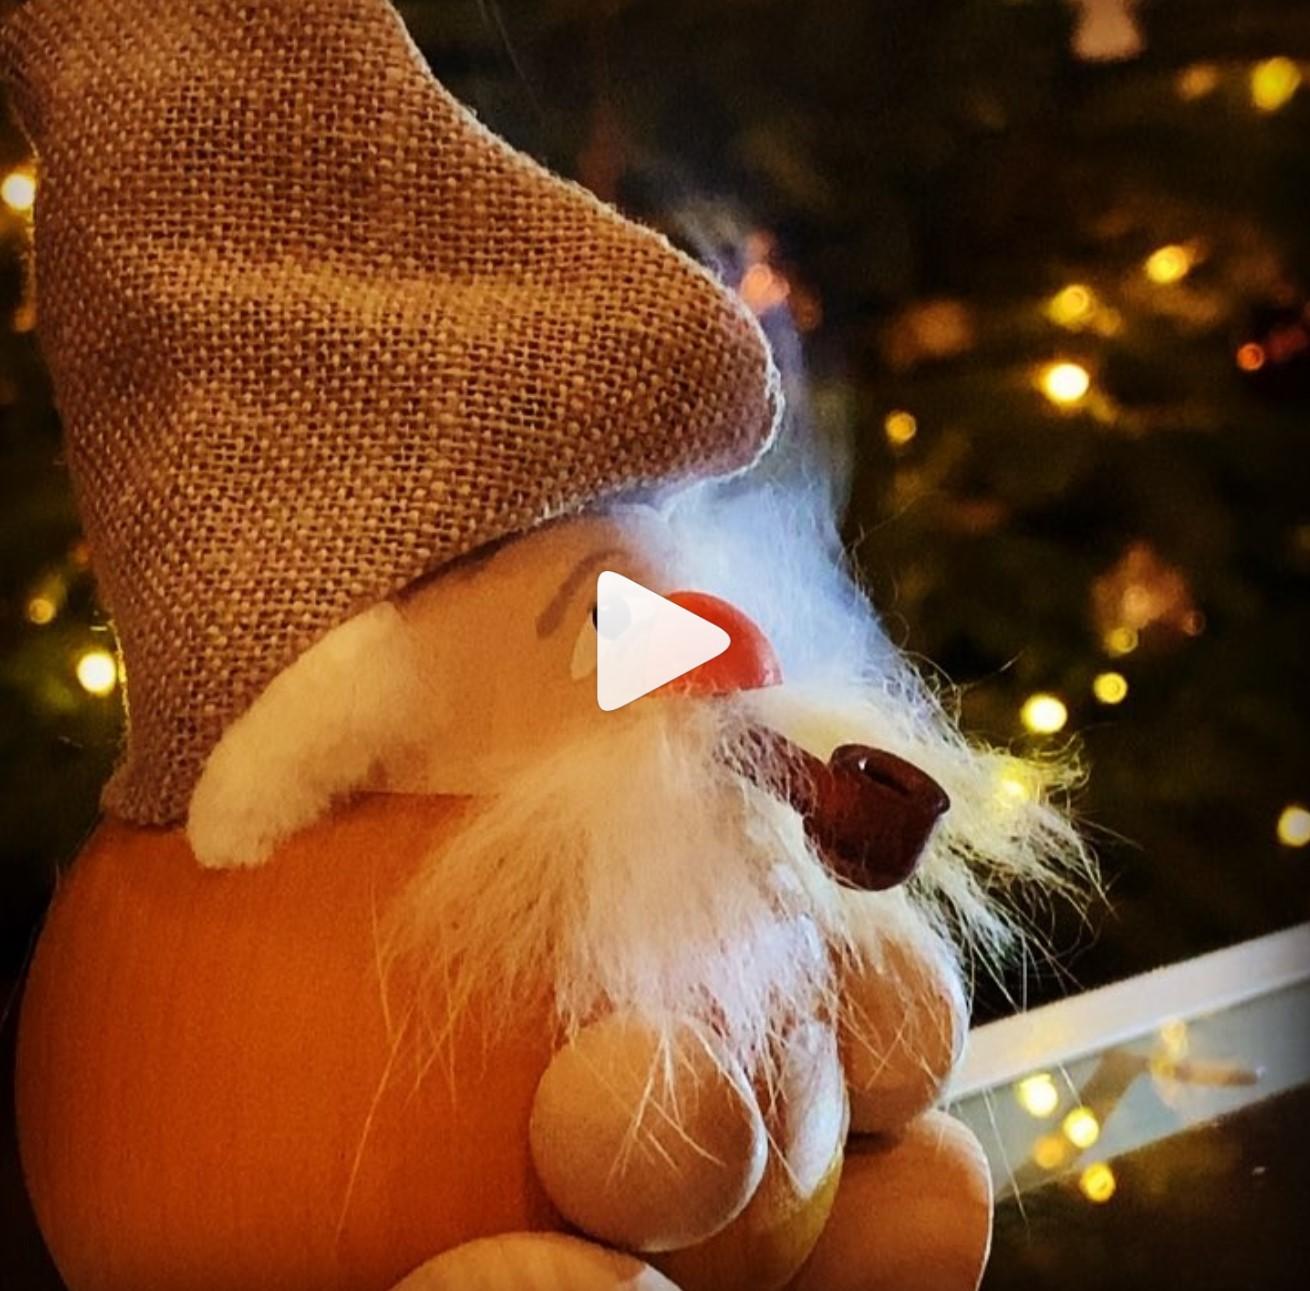 Wir wünschen Euch eine frohe Weihnachtszeit!